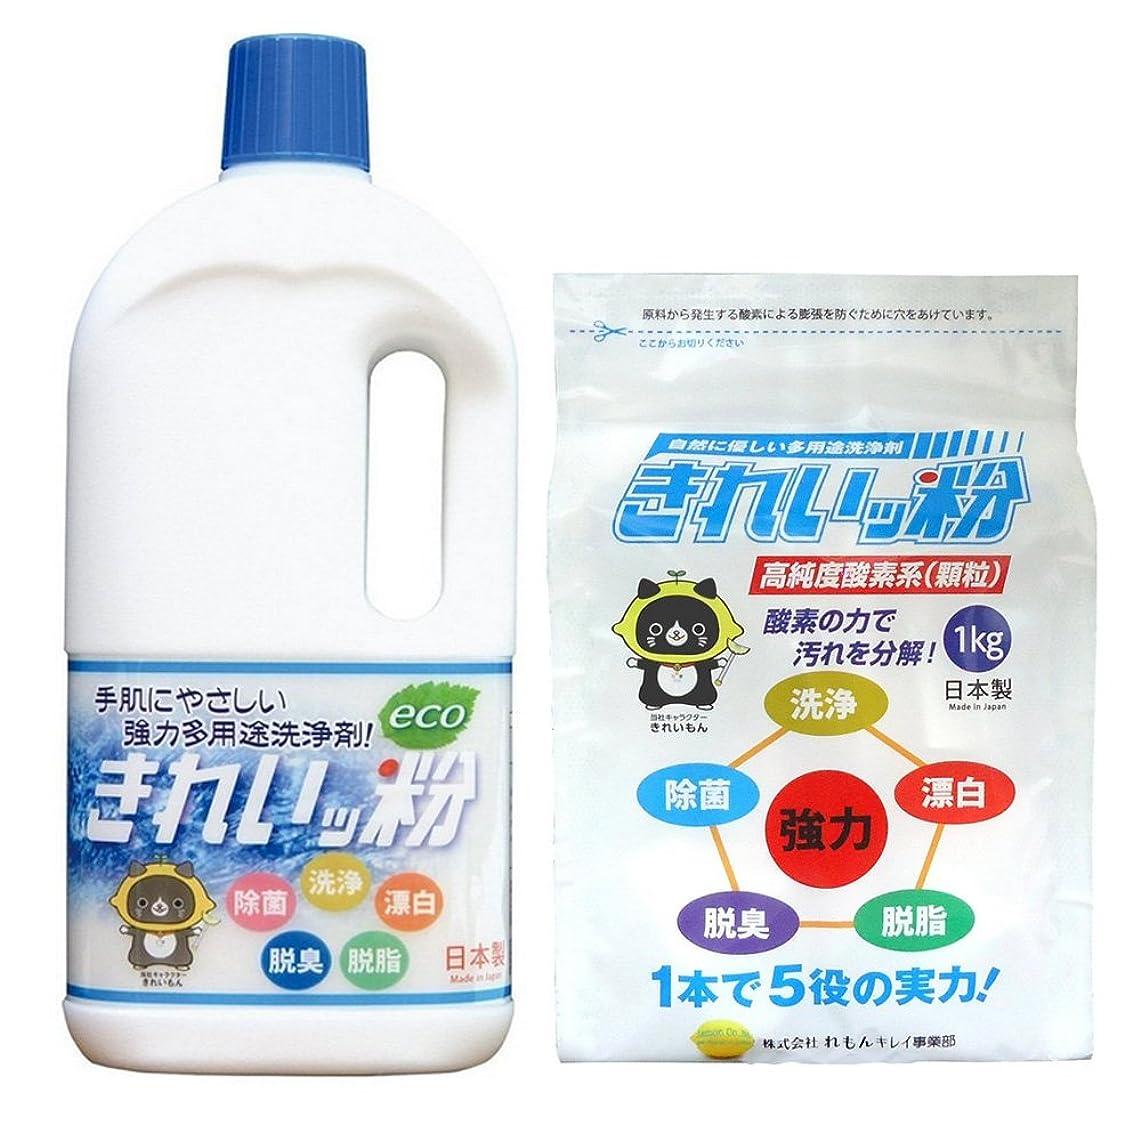 間隔外部送る過炭酸ナトリウム(酸素系)洗浄剤『きれいッ粉』 1kg ボトル&1kg 詰め替え セット